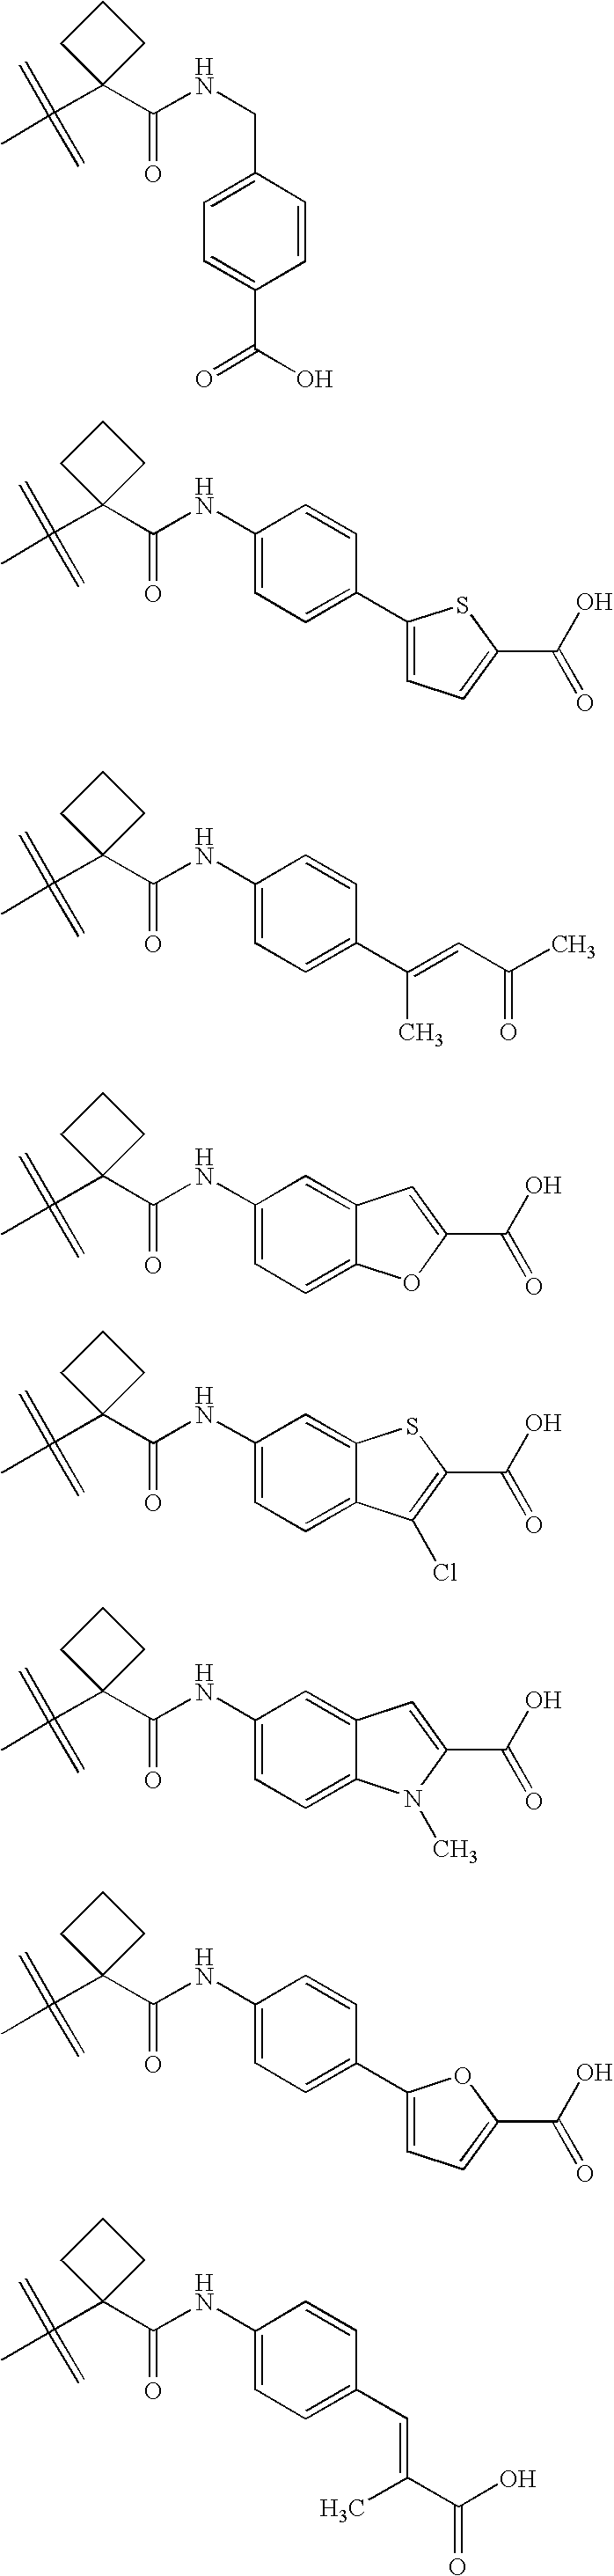 Figure US20070049593A1-20070301-C00162